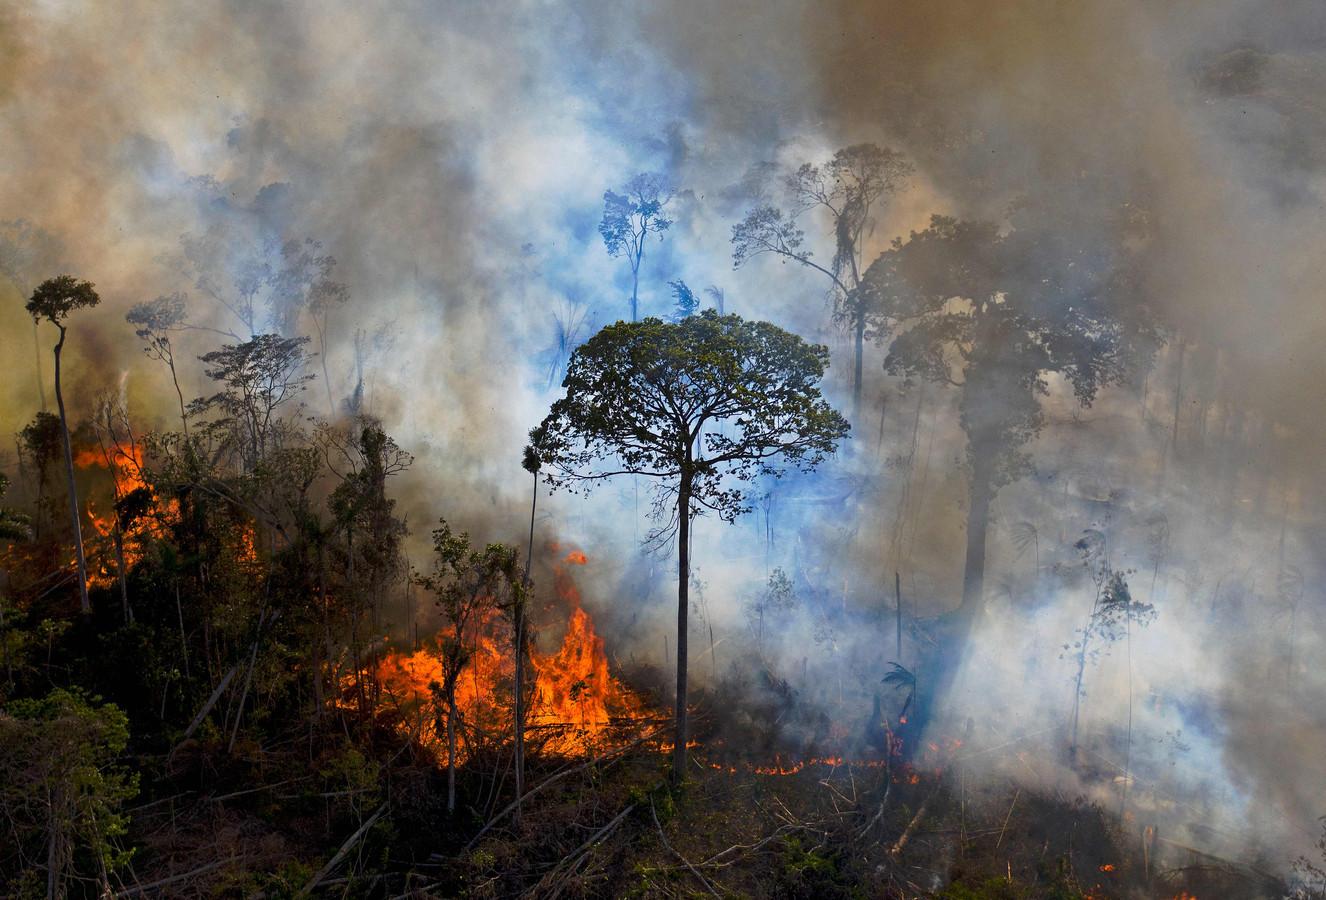 Archieffoto. Illegaal aangestoken vuur in Amazonewoud.